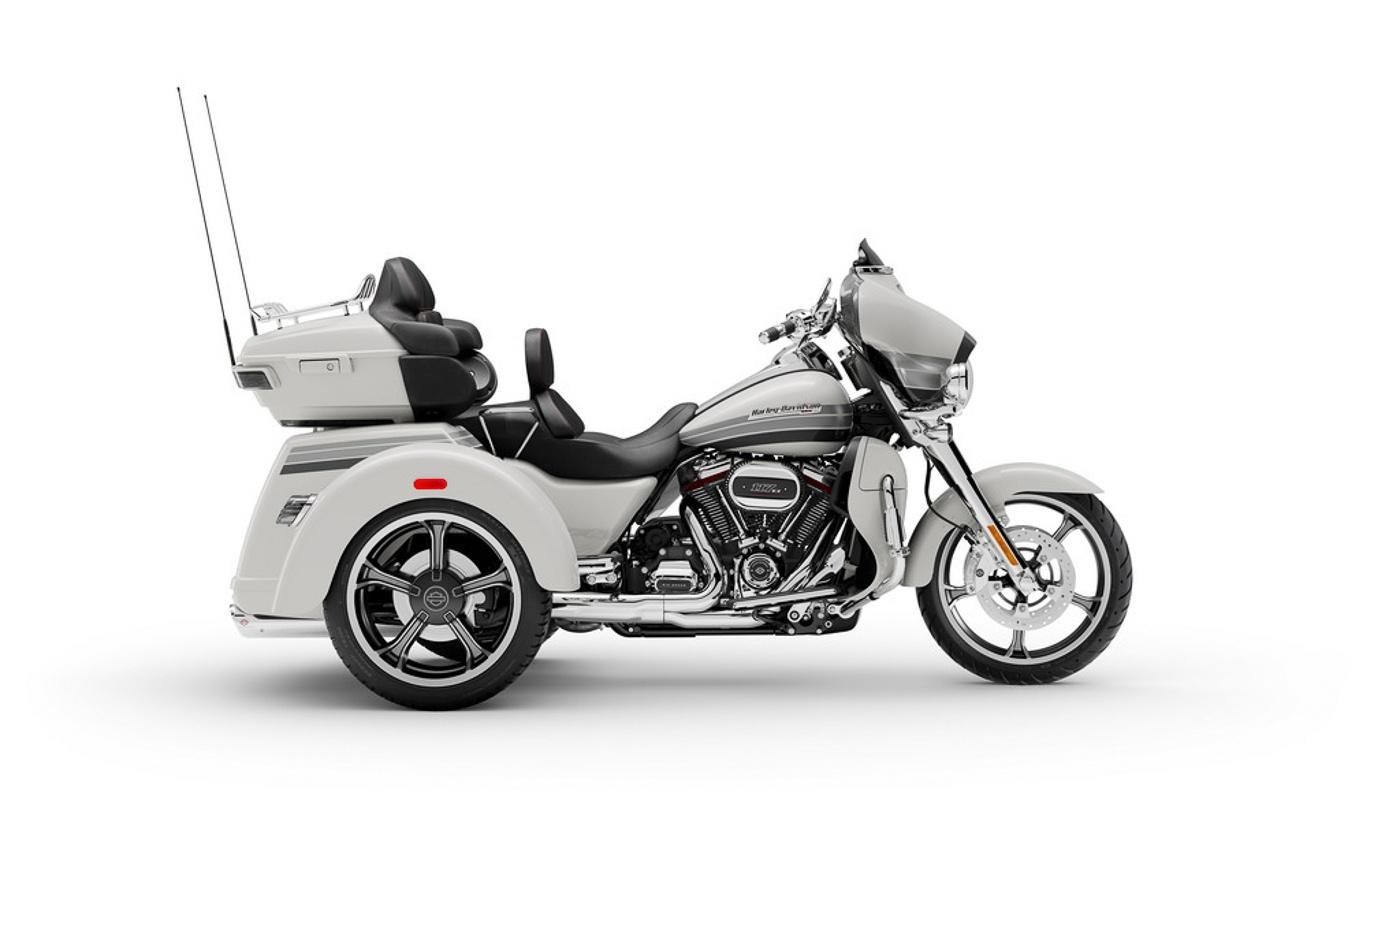 Zeigt die Harley-Davidson CVO Tri Glide Modelljahr 2020